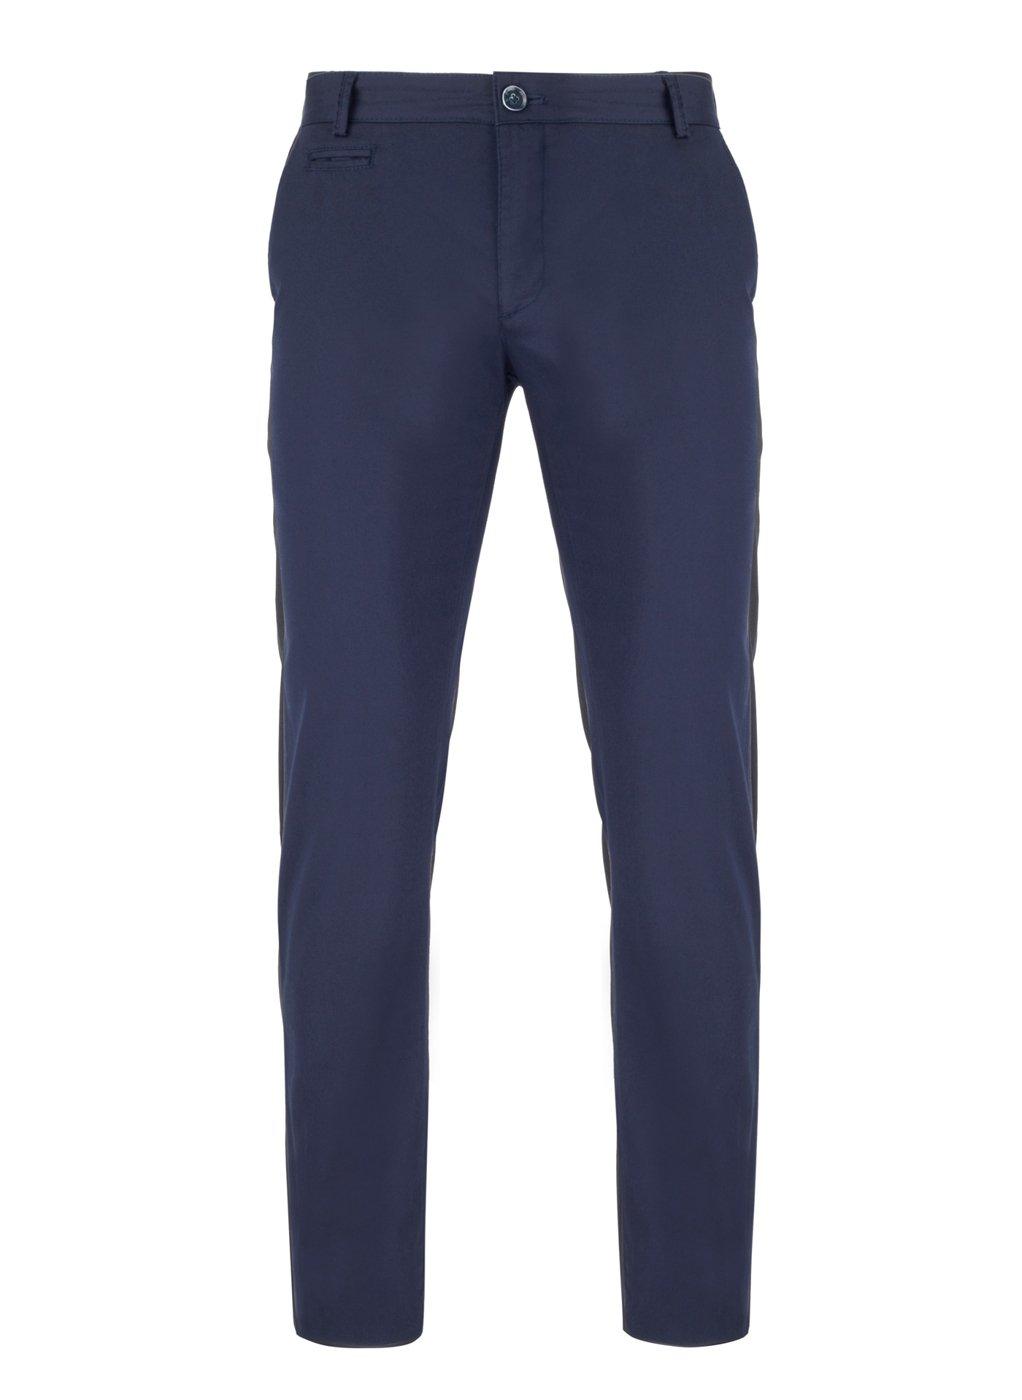 Spodnie męskie P2M-WX-065-G